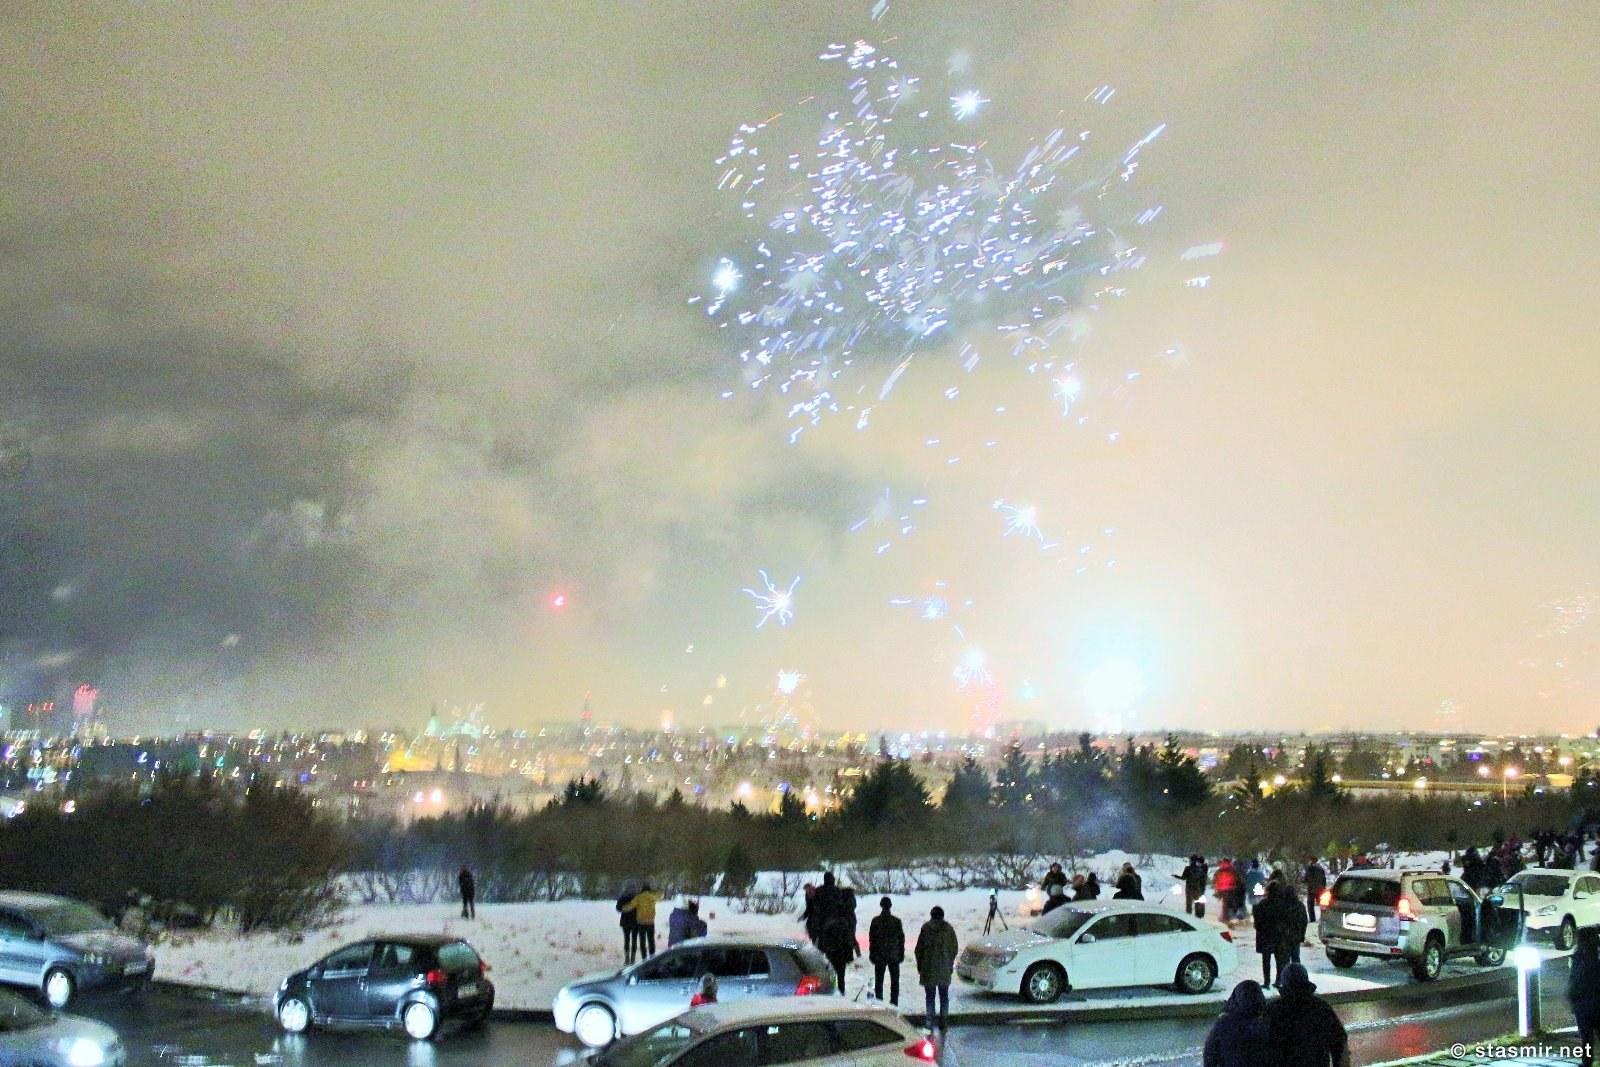 фейерверки 31 декабря 2015 года с горы Öskjuhlíð, Рейкьявик, фото Стасмир, Photo Stasmir